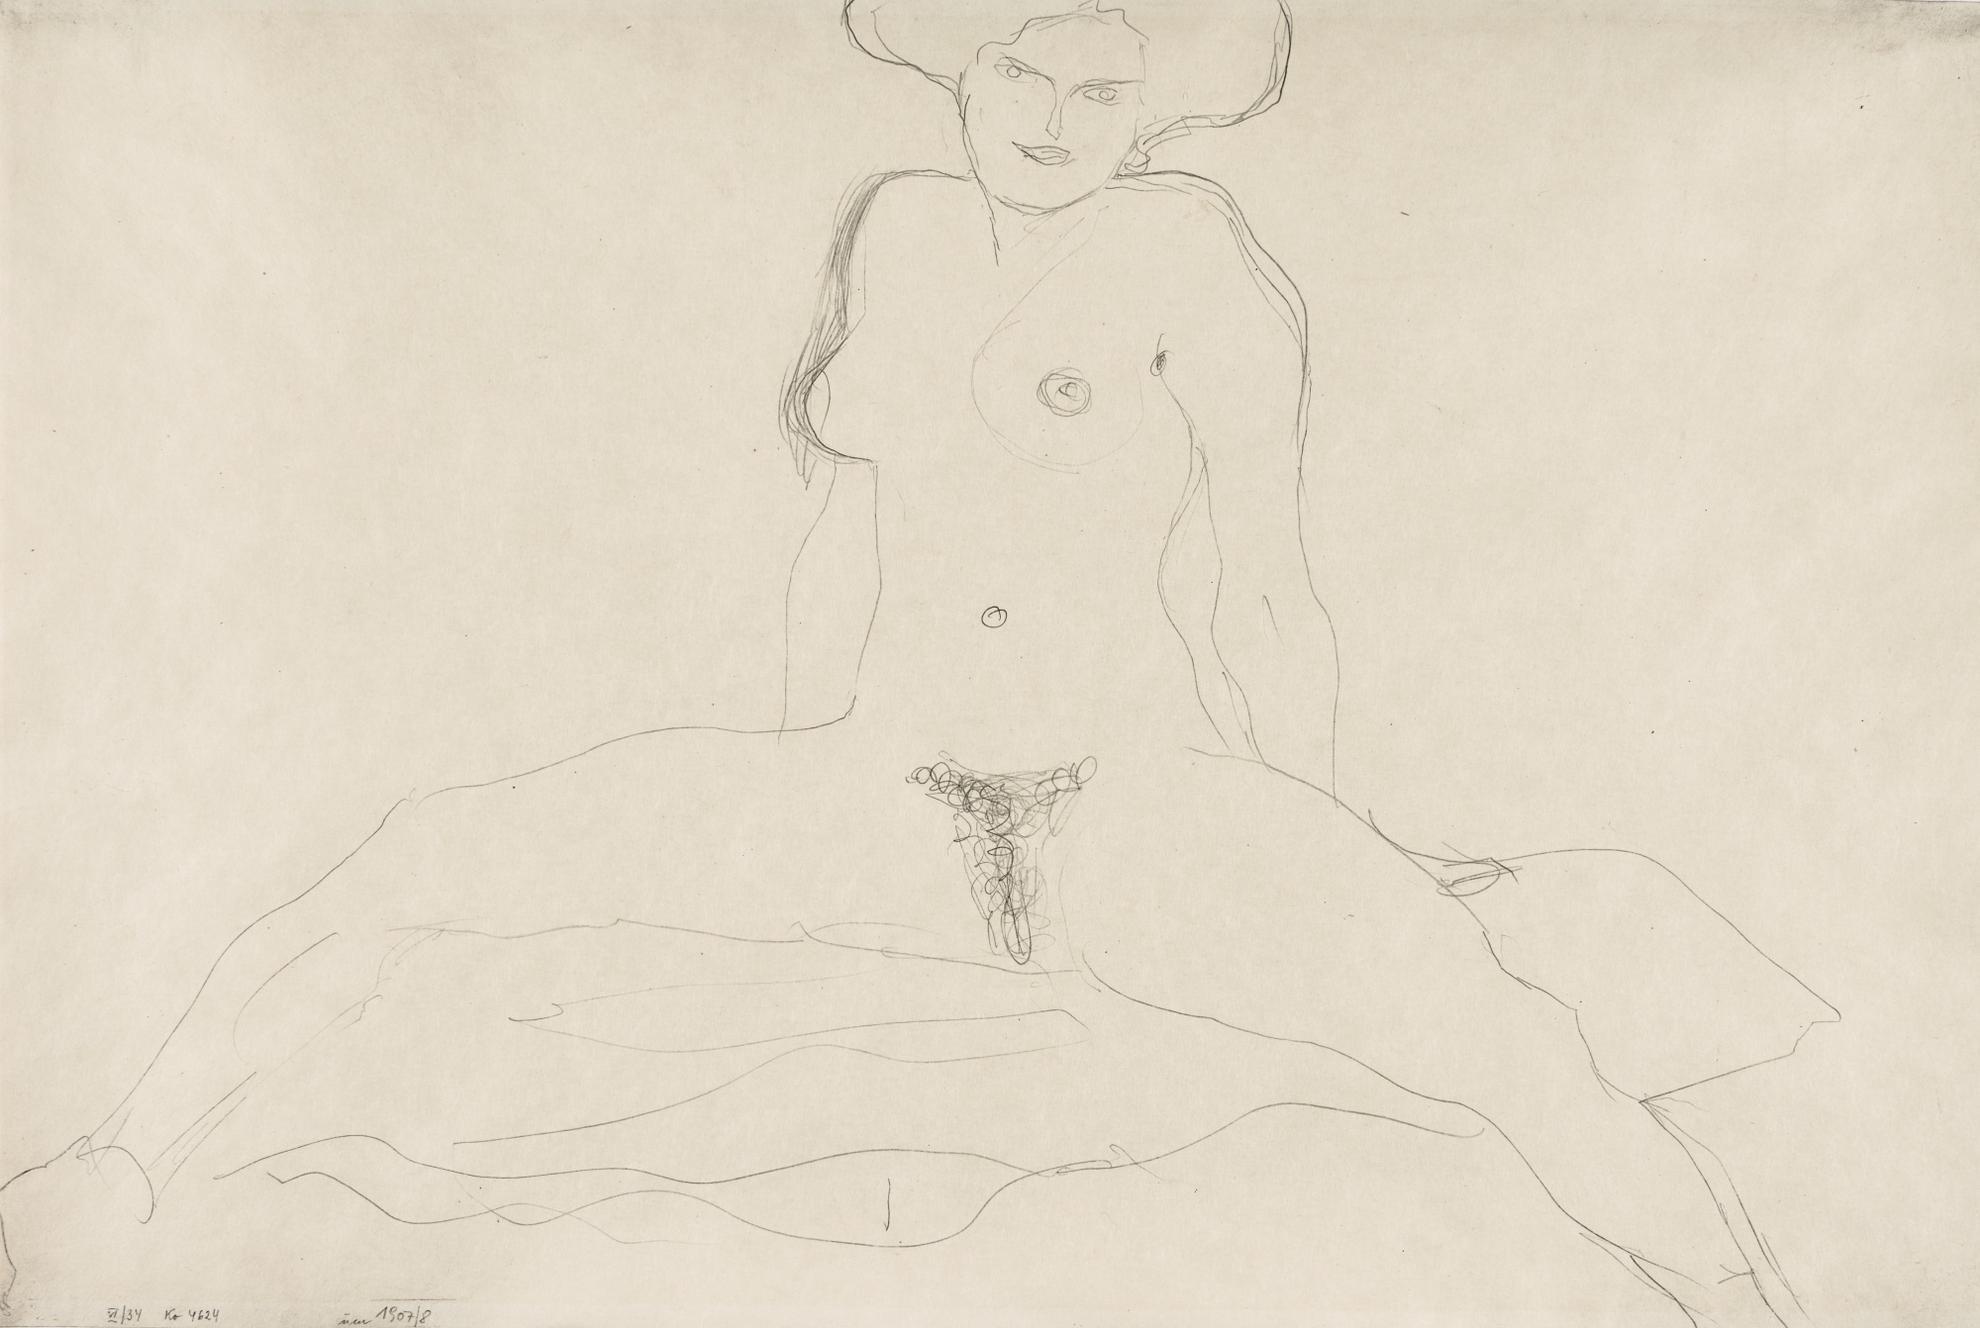 Gustav Klimt-Mit Gespreizten Beinen Sitzender Akt (Seated Nude With Her Legs Apart)-1908